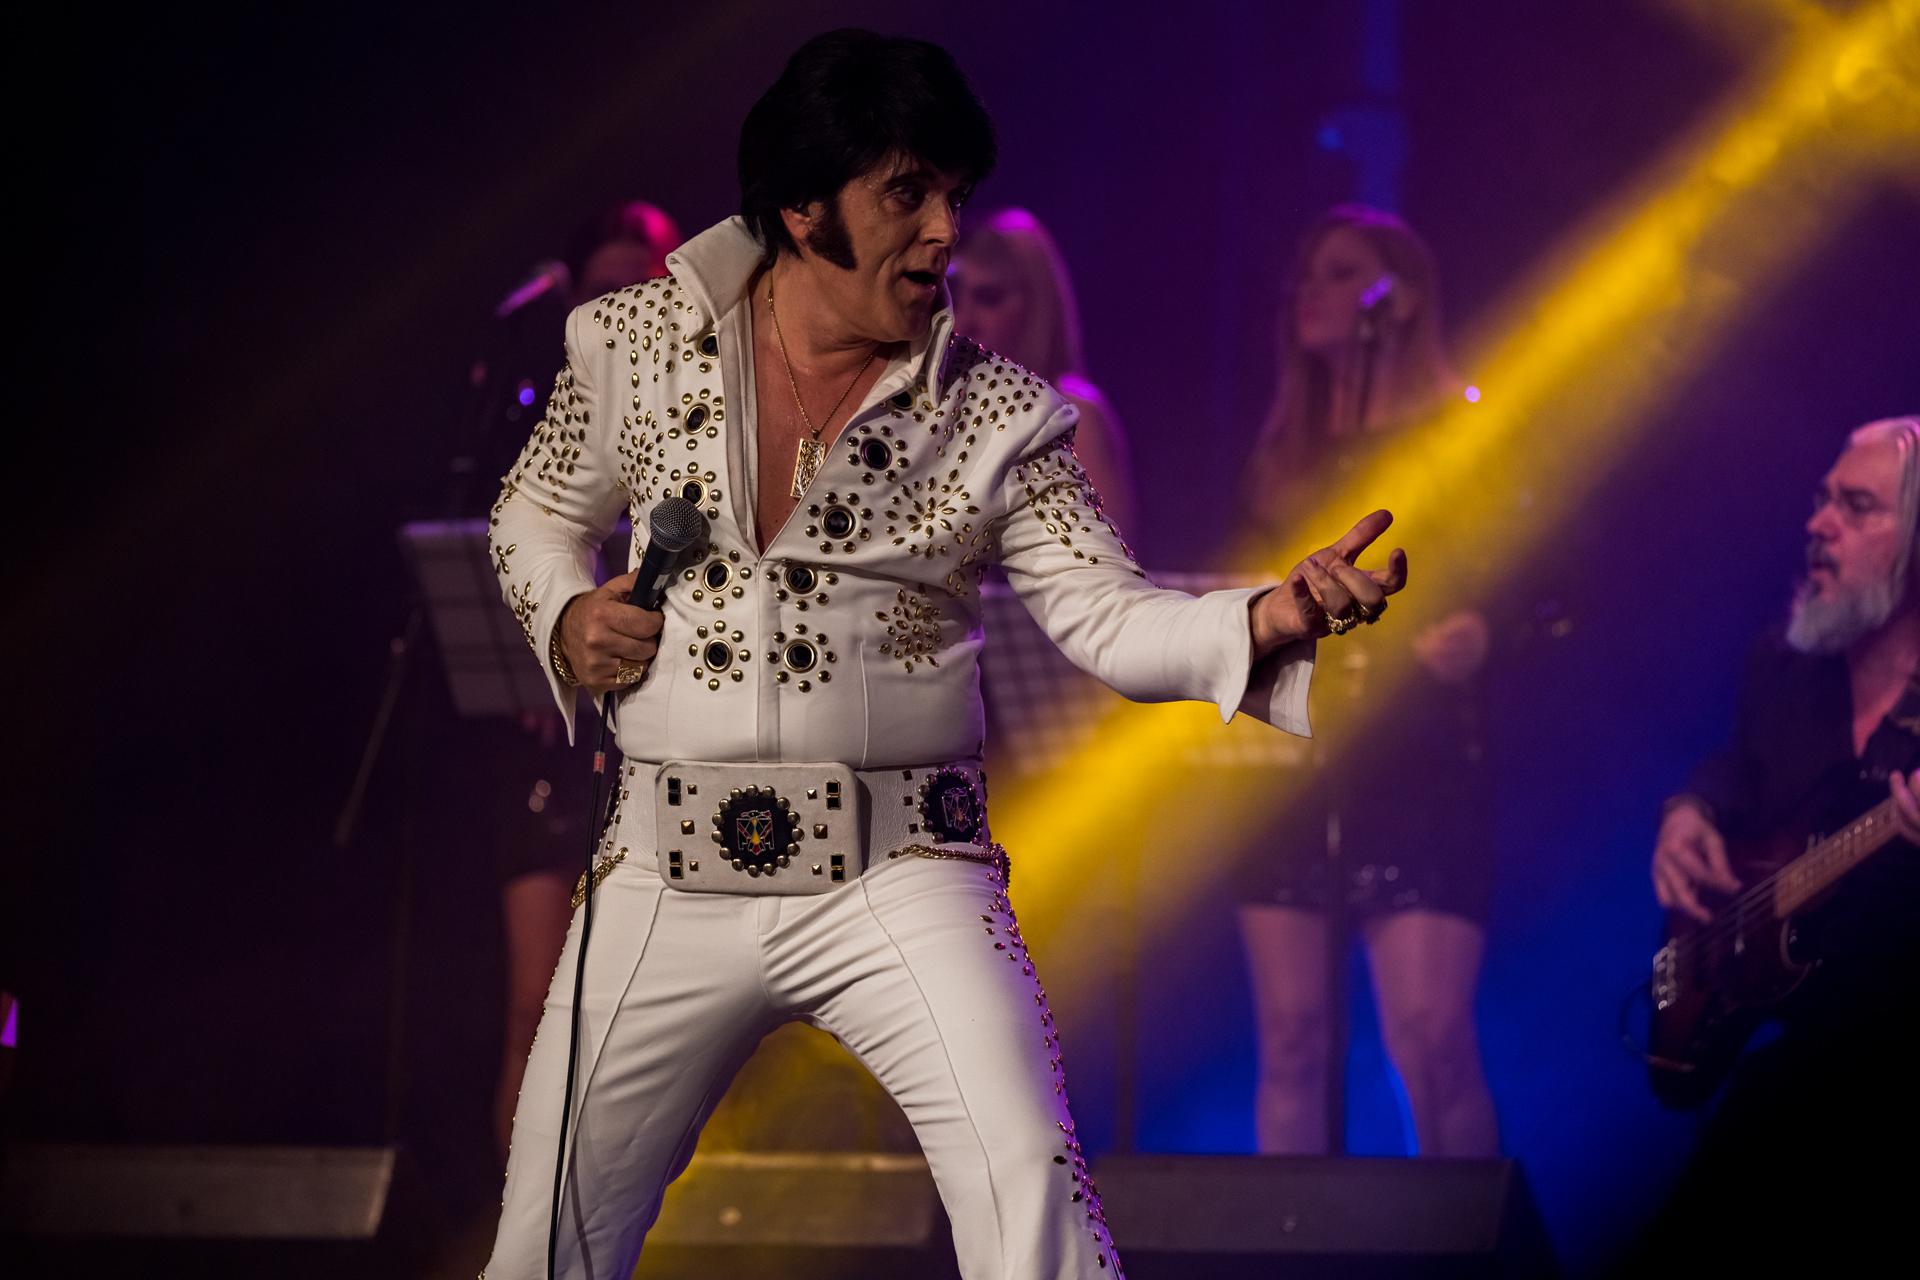 2020_01_14-we4show-Elvis-©-Luca-Vantusso-213813-GFXS2239